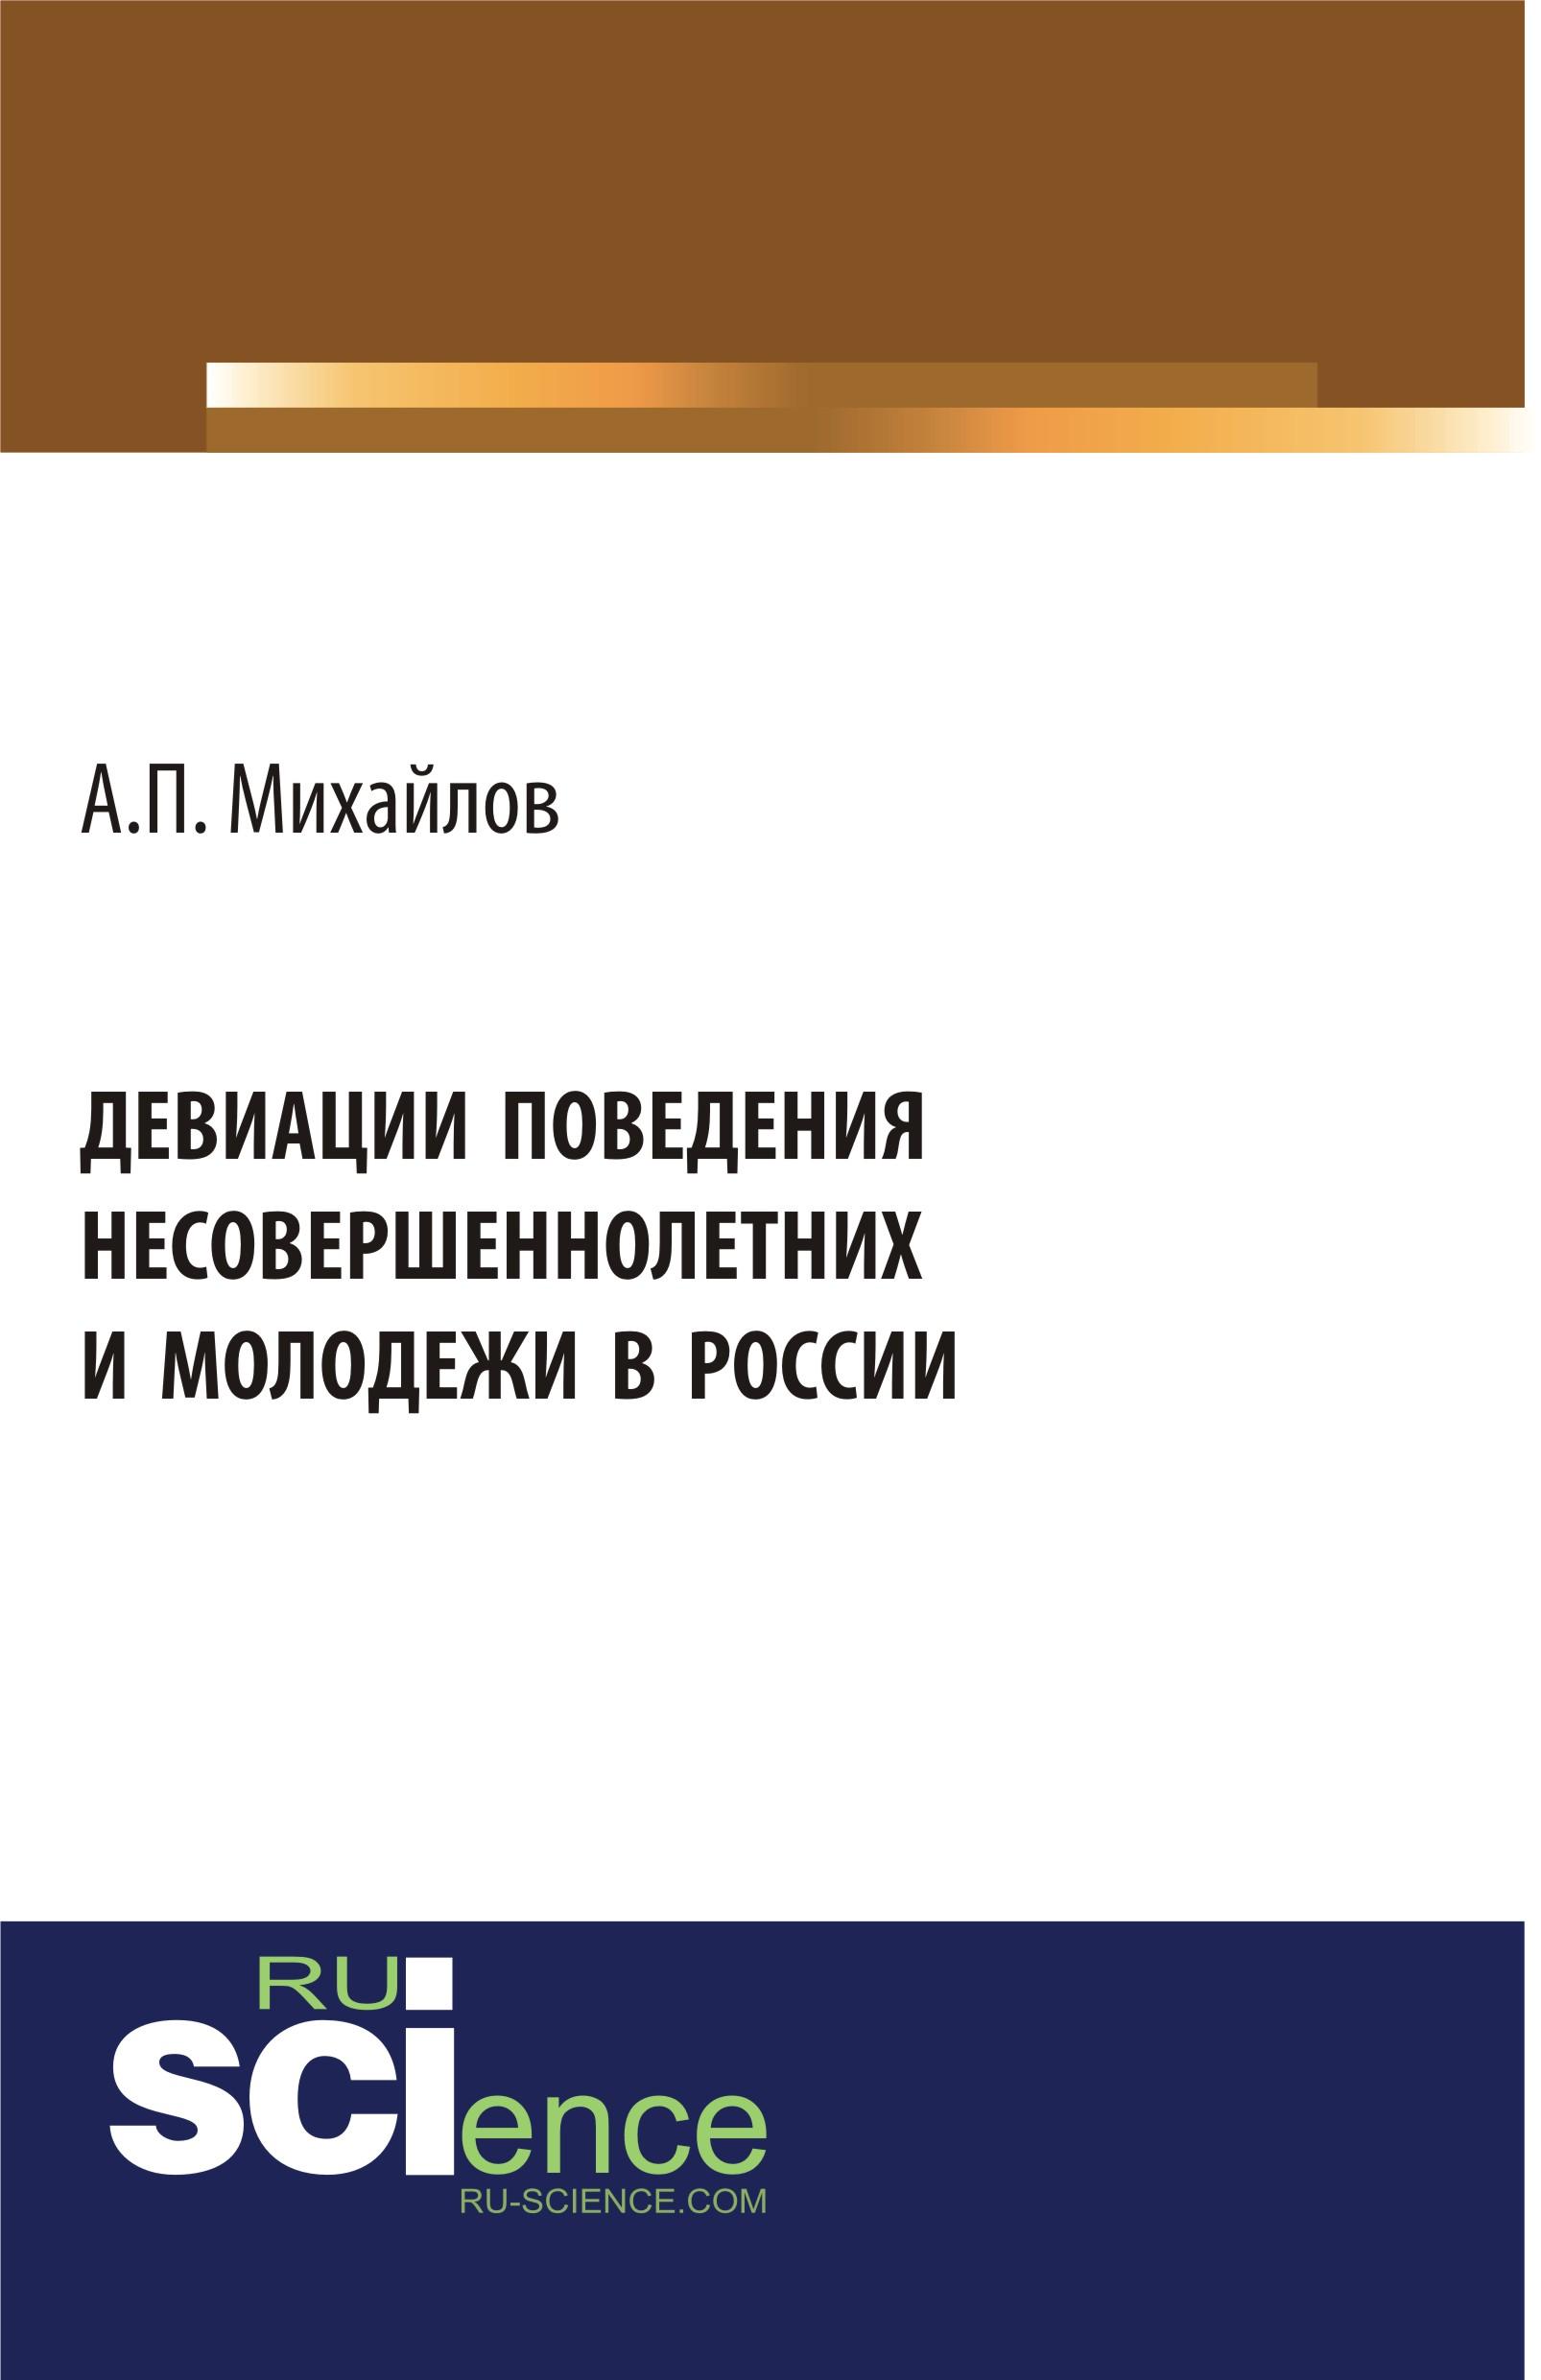 Девиации поведения несовершеннолетних и молодежи в России